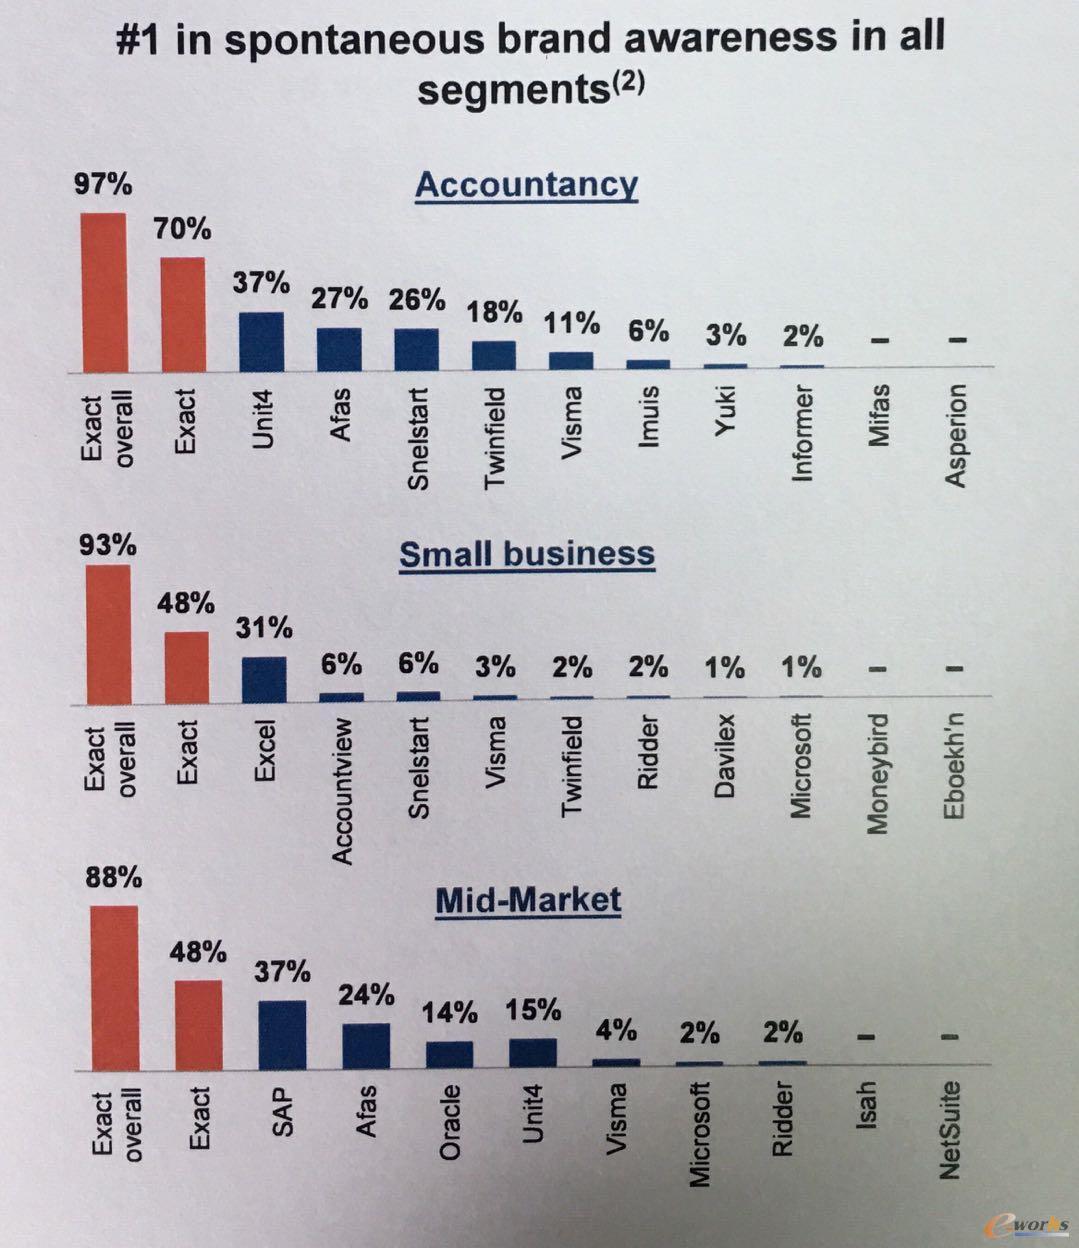 Exact在荷比卢地区细分领域的市场排名